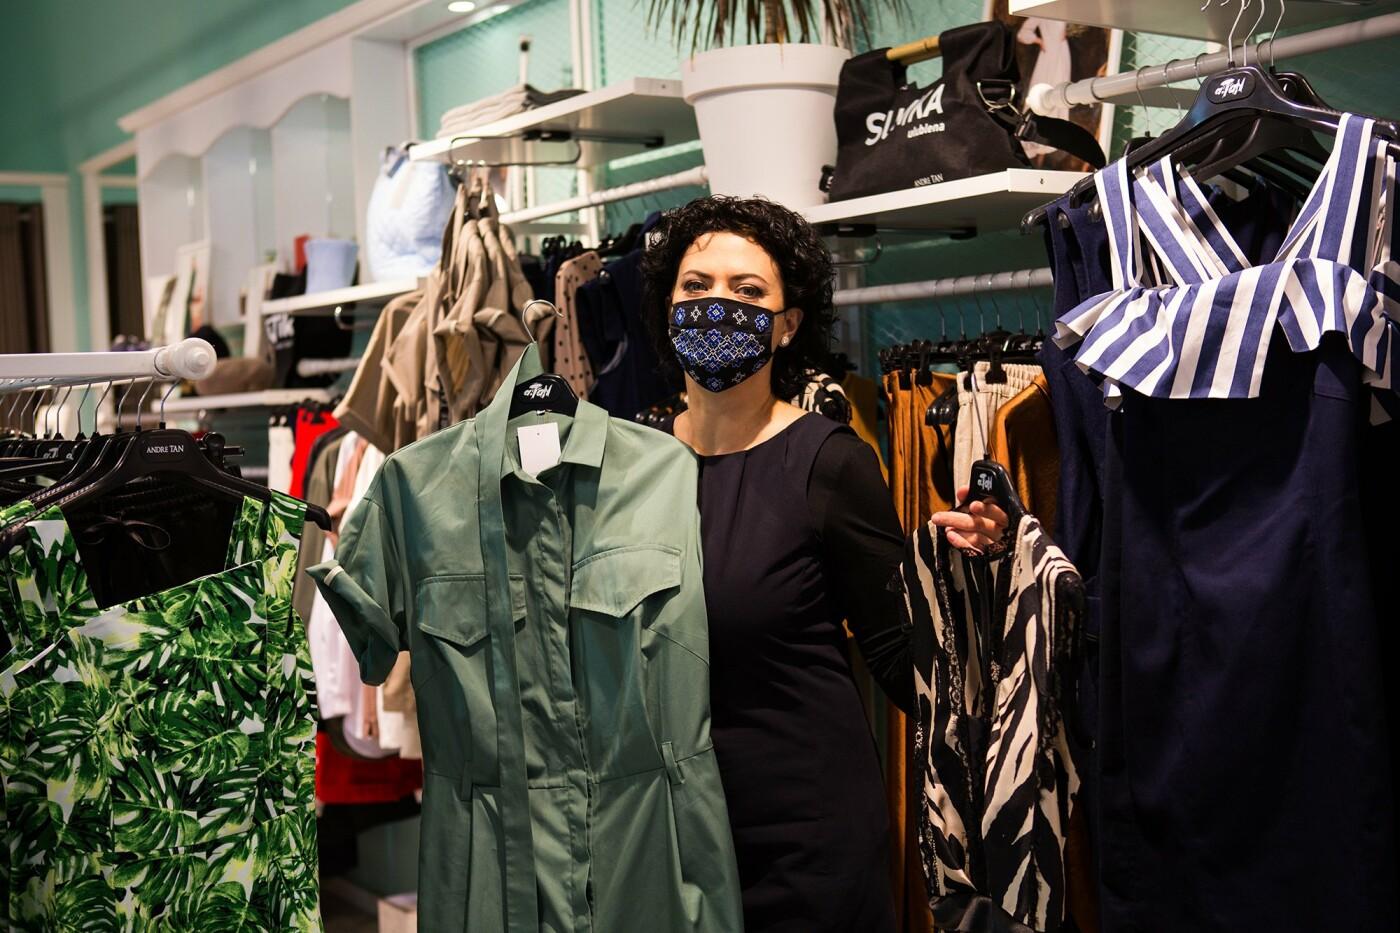 """Fashion&Profession: кто смог найти свой стиль в  ТРК """"Солнечная галерея""""  , фото-104"""